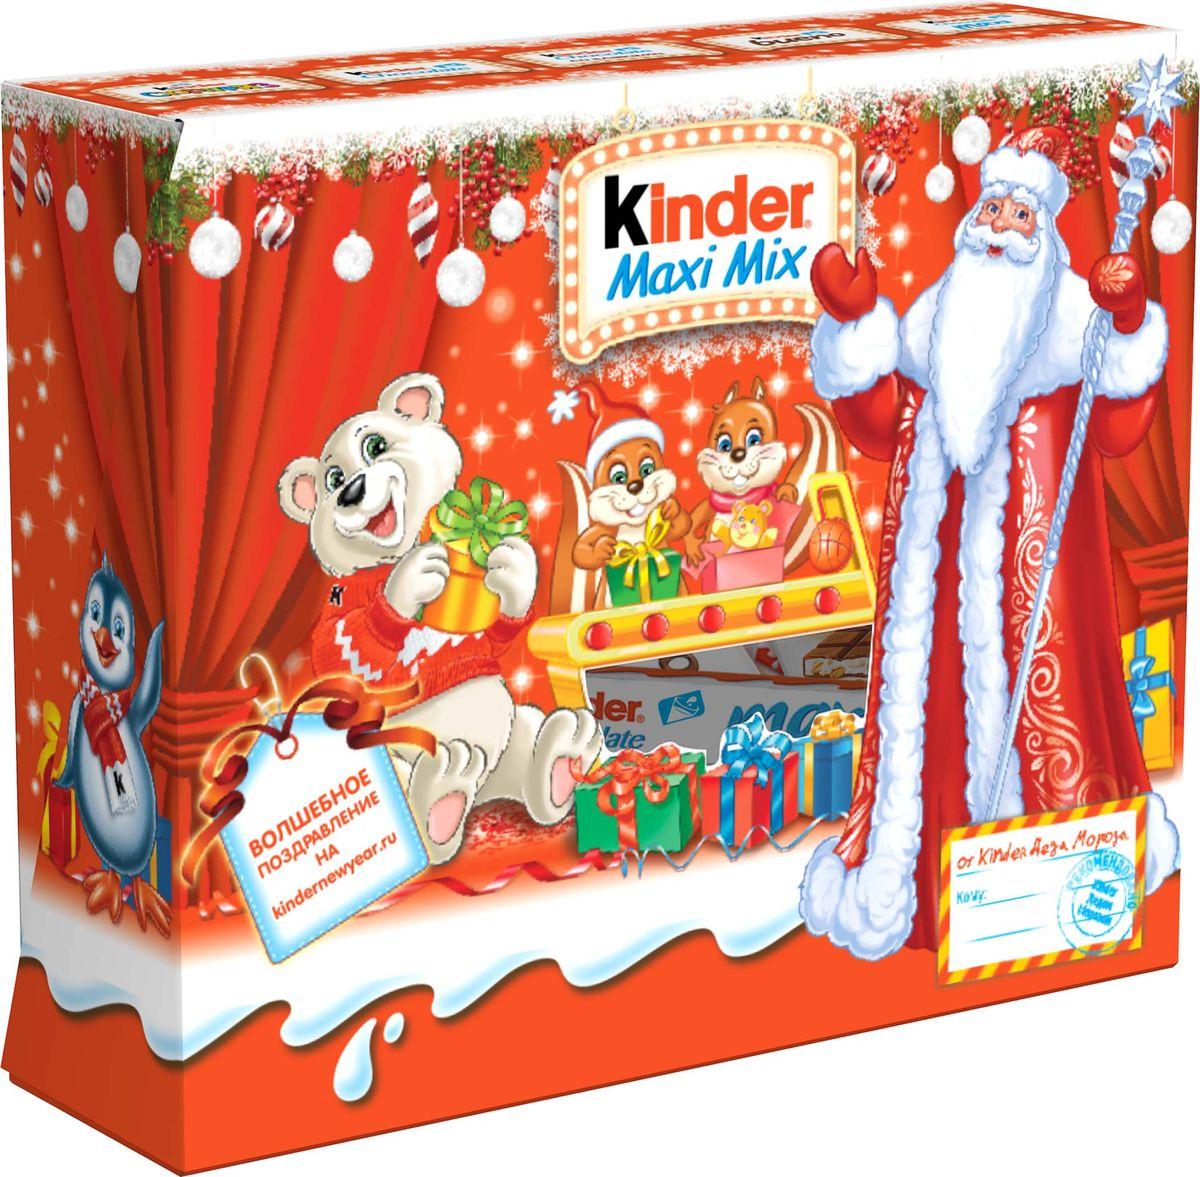 Kinder Mix Посылка подарочный набор, 223 г kinder mix носорог подарочный набор с игрушкой 137 5 г